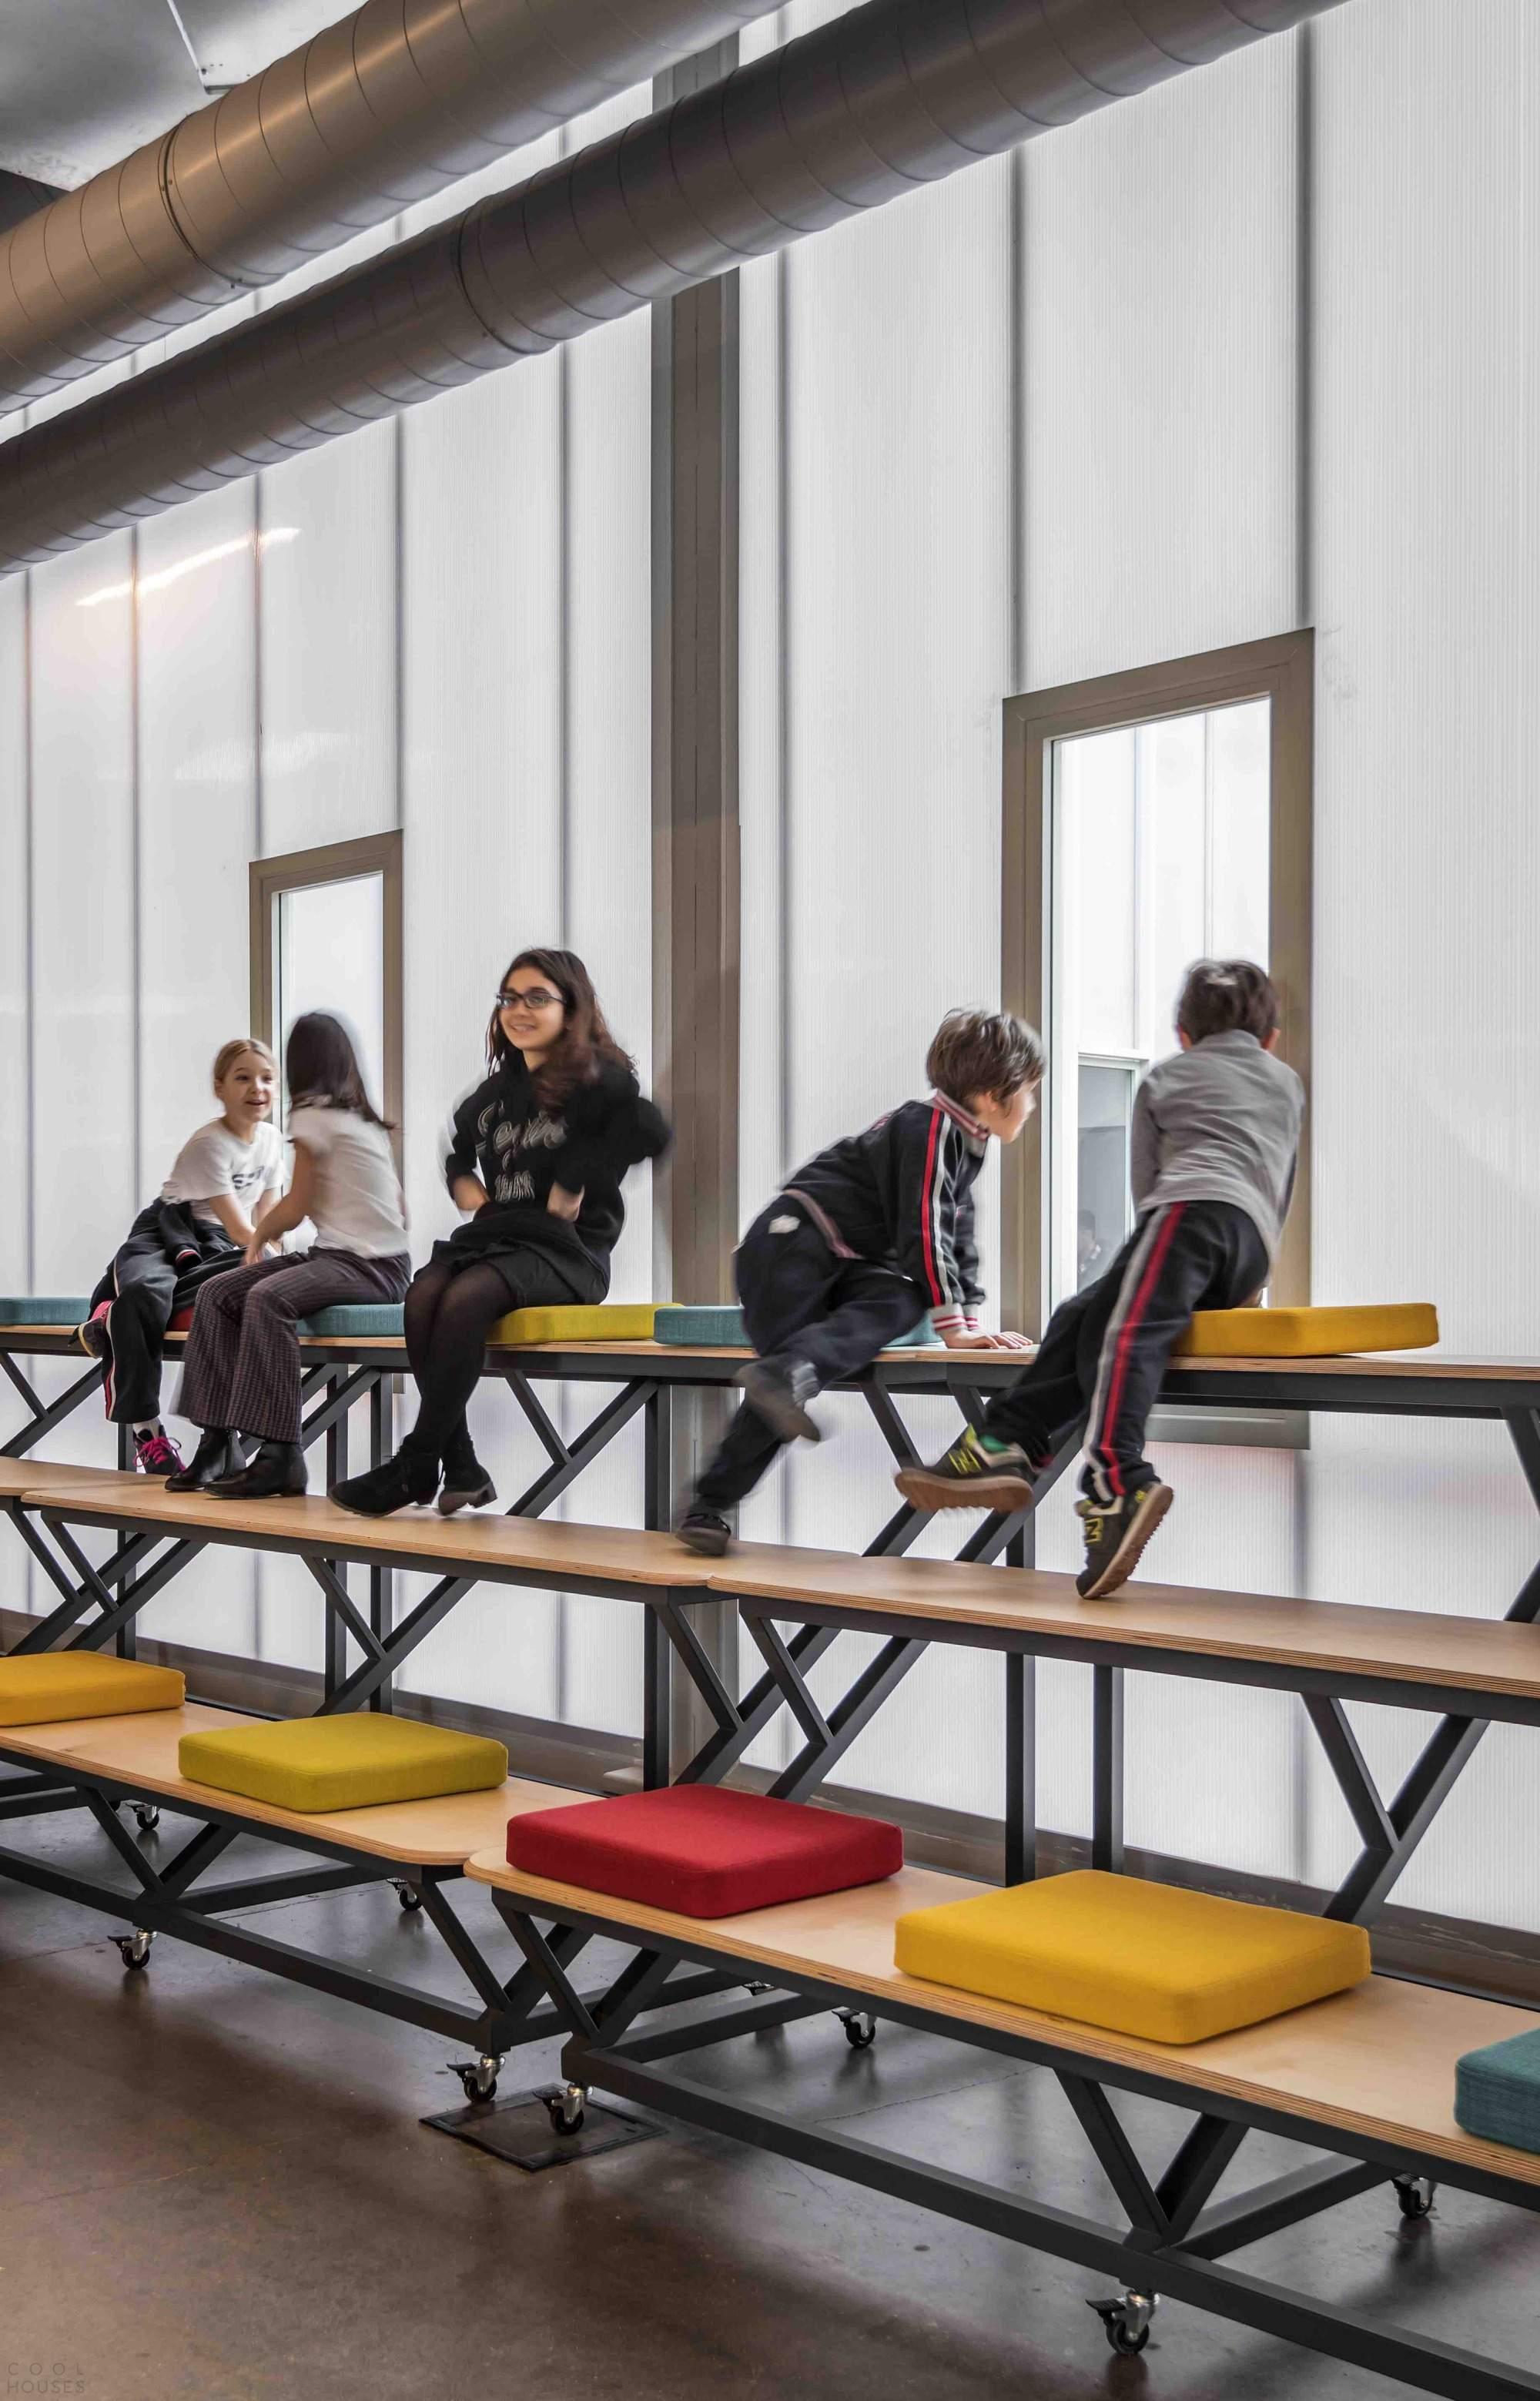 Частная школа от ATÖLYE в Стамбуле, Турция